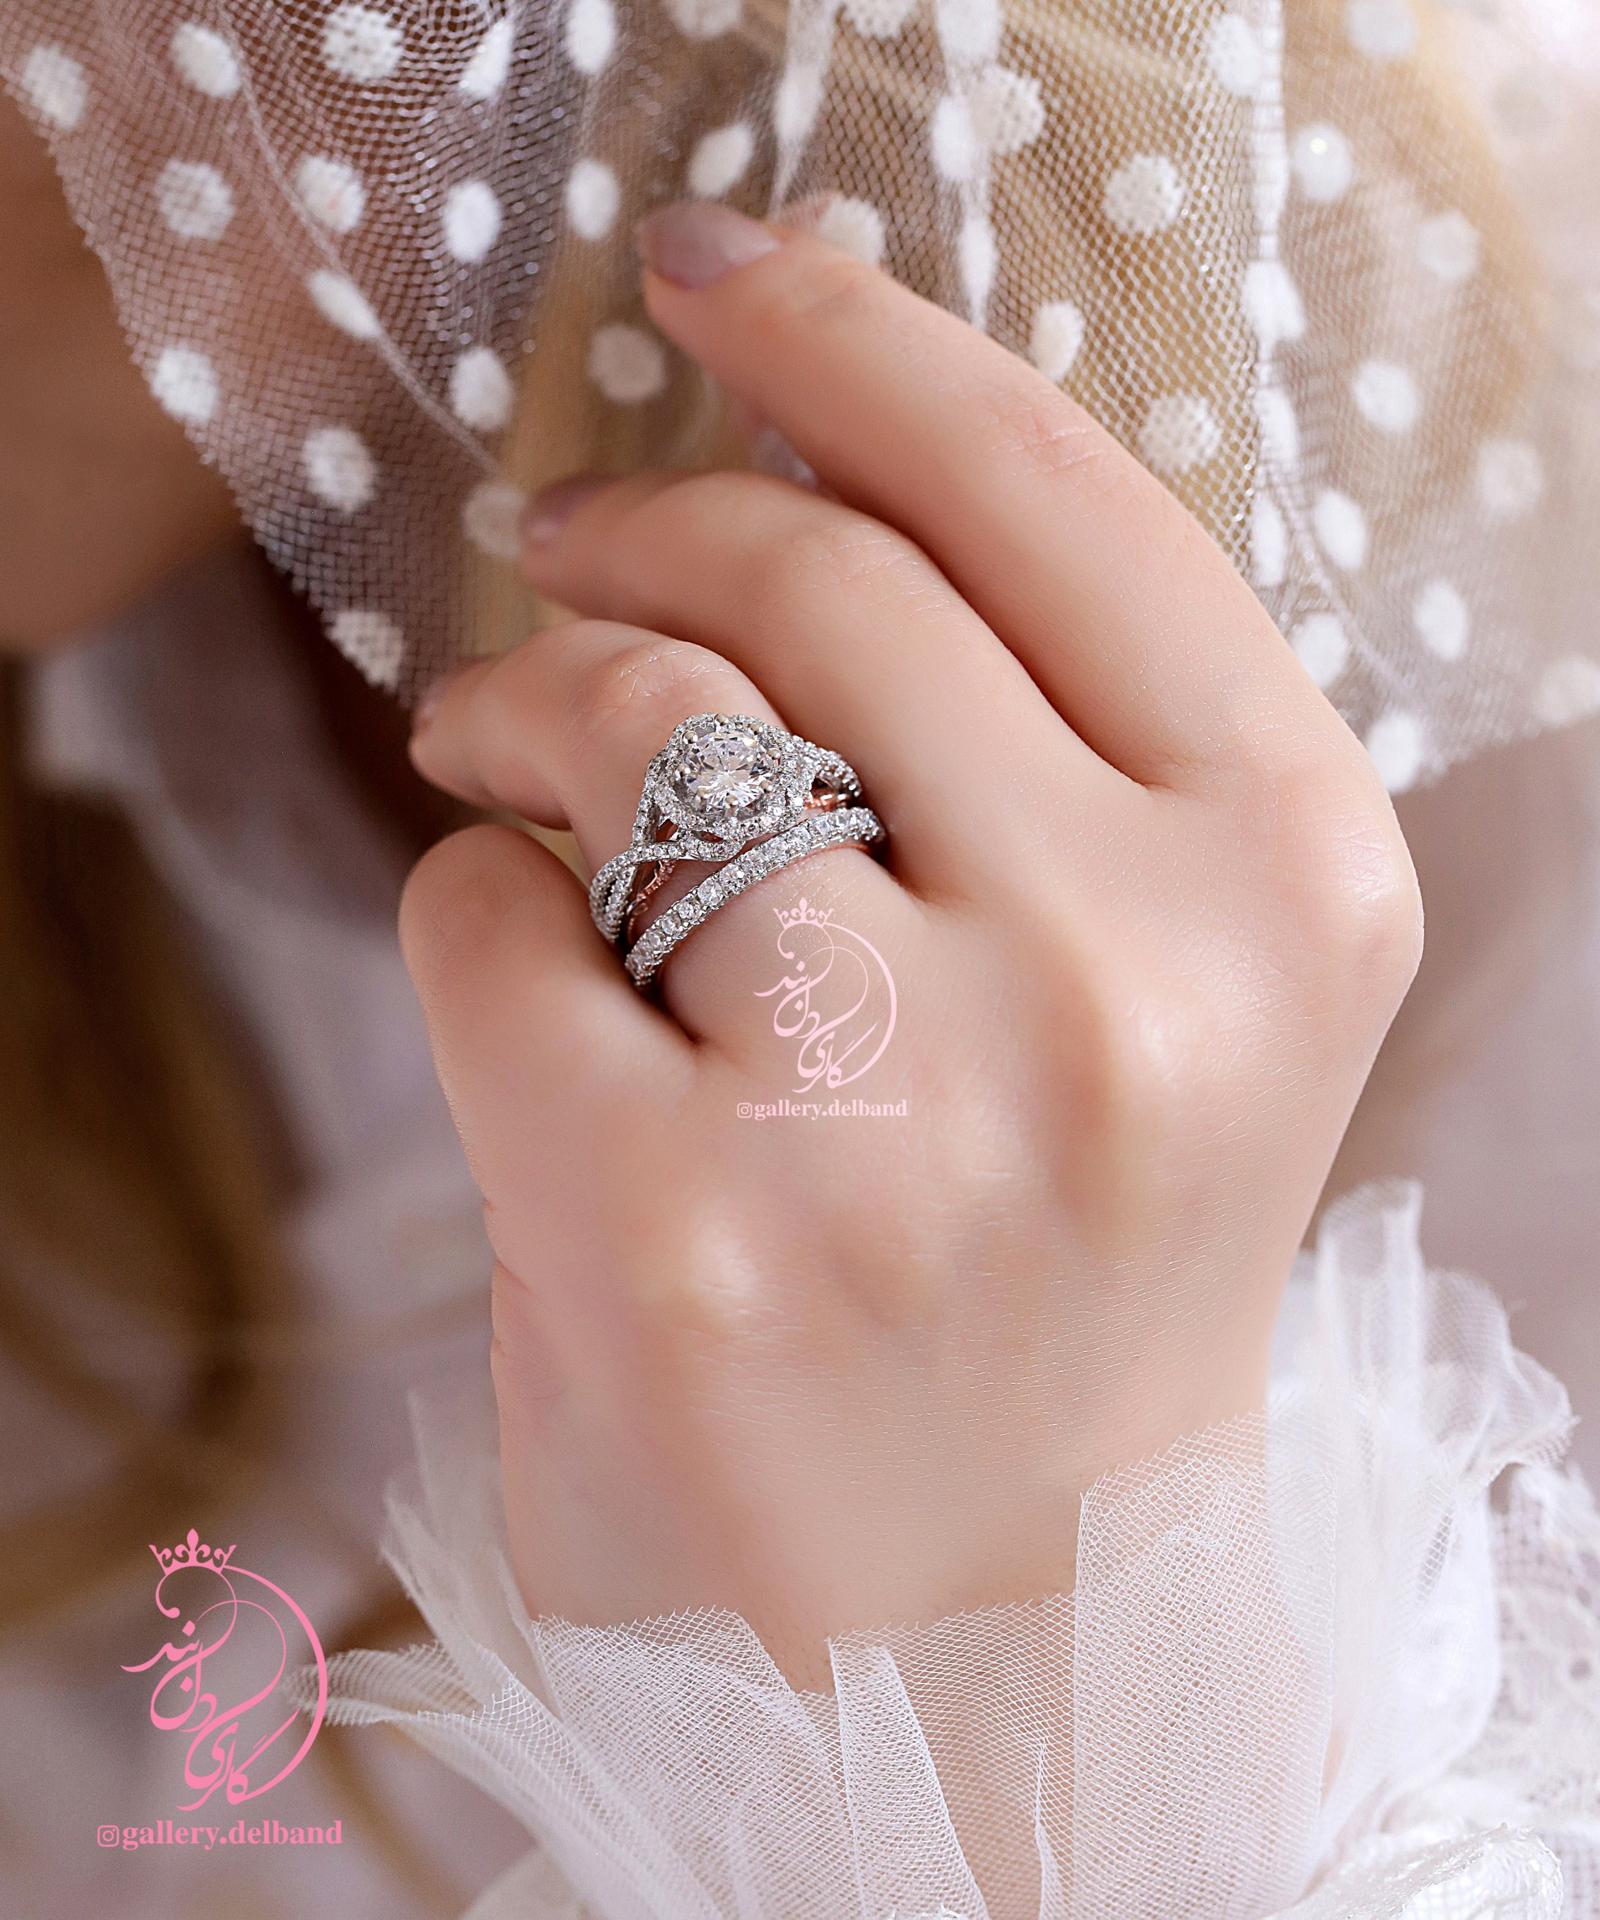  💎حلقه و پشت حلقه جواهری با نگینهای زیرکونیا اتریشی نقره عیار ۹۲۵ با روکش طلا سفید و طراحی جواهر منحصر به فرد و سفارشی در نقره و داخل رکاب ها رزگلد 